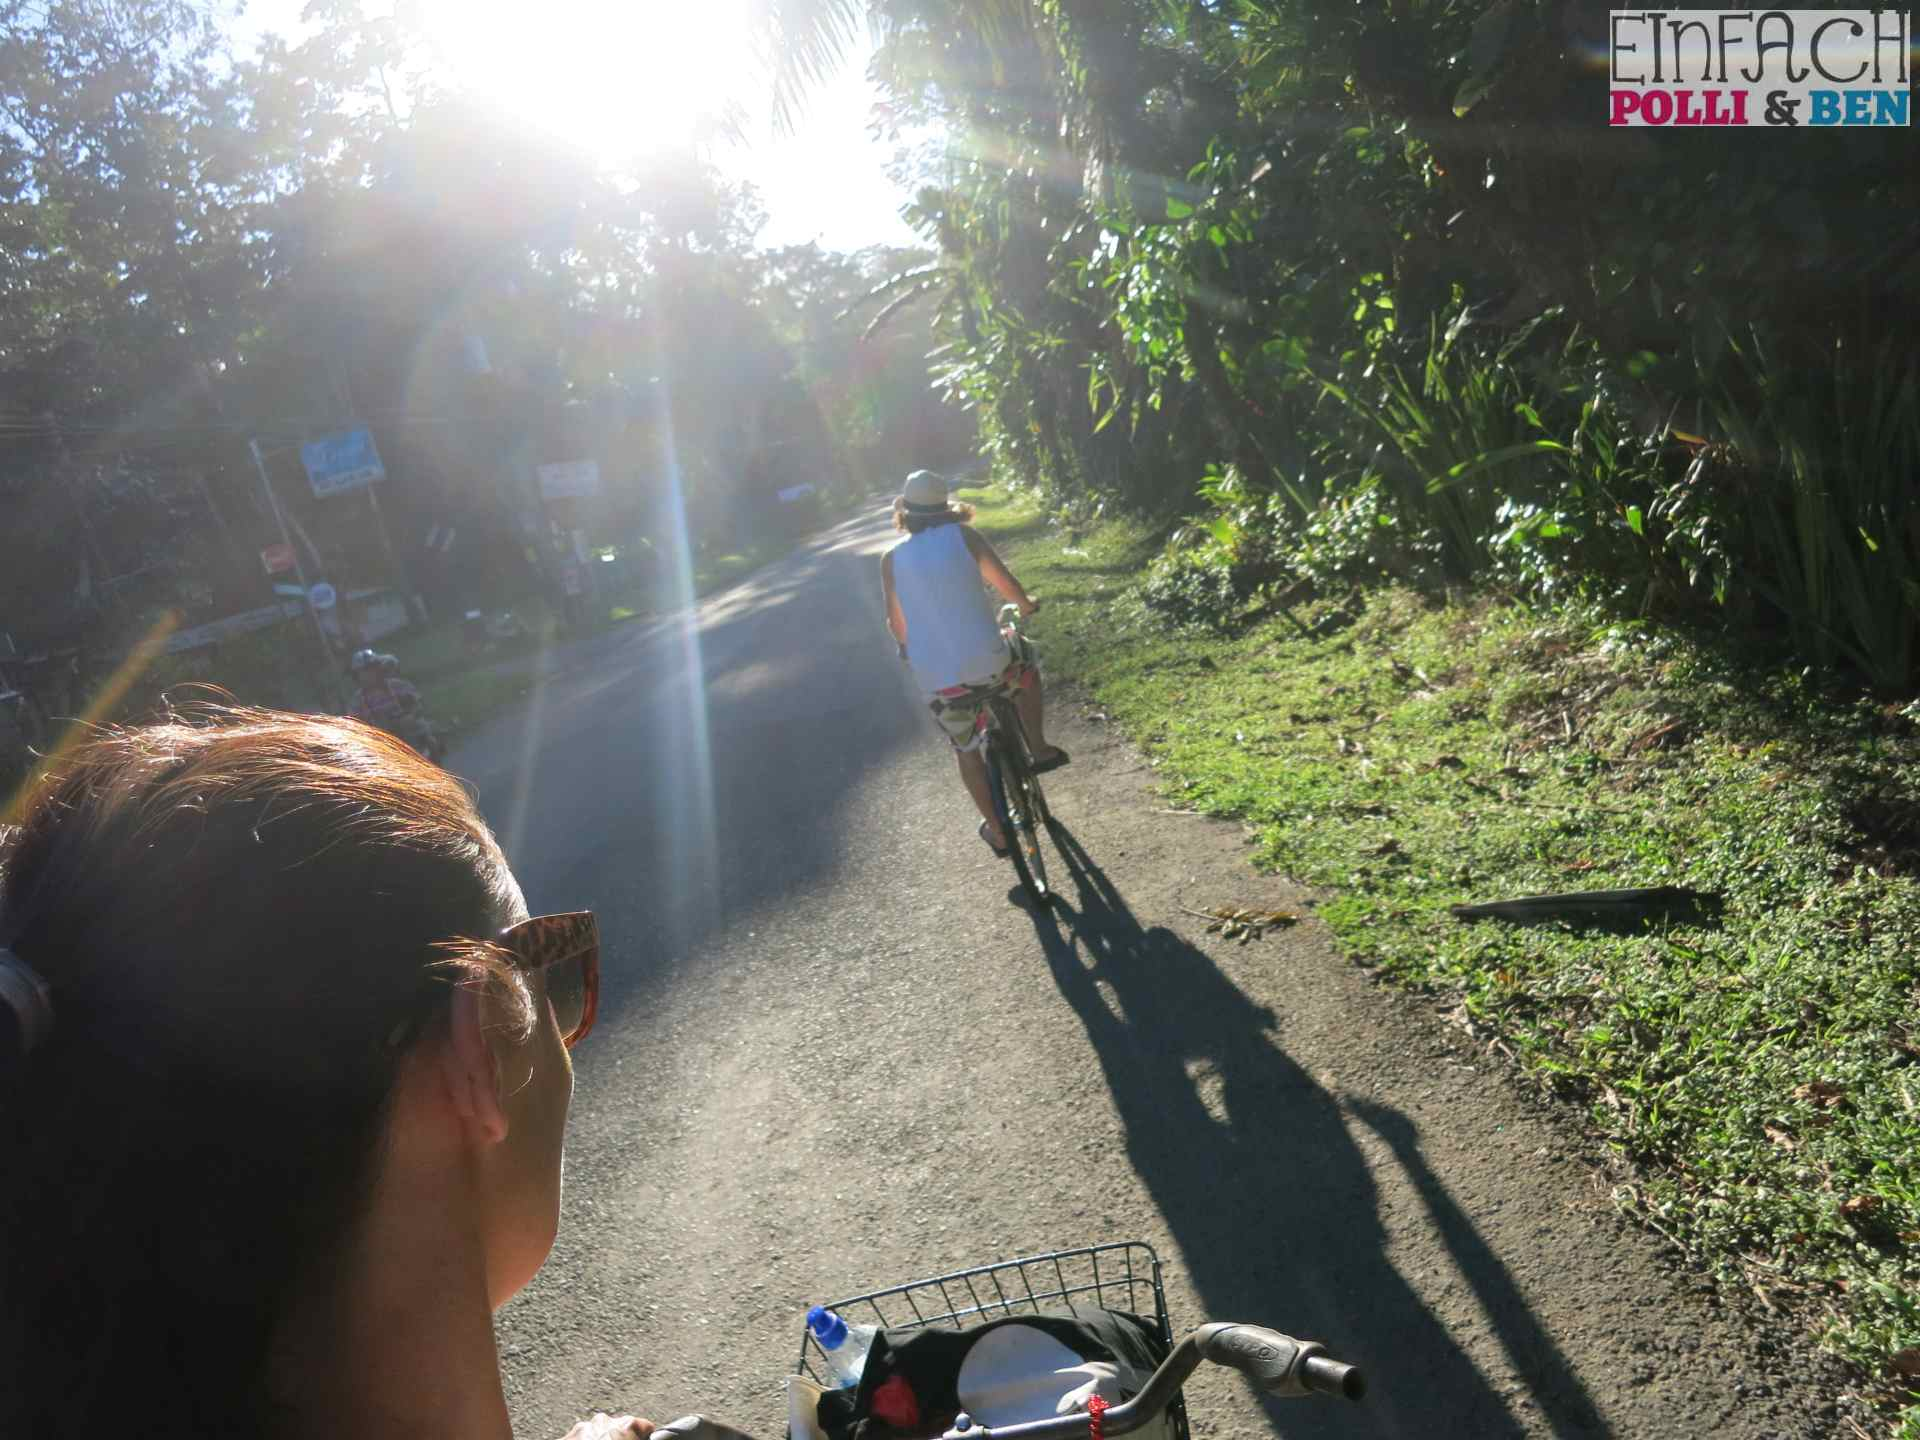 Hochzeitstag Ben und Polli in Costa Rica Radtour